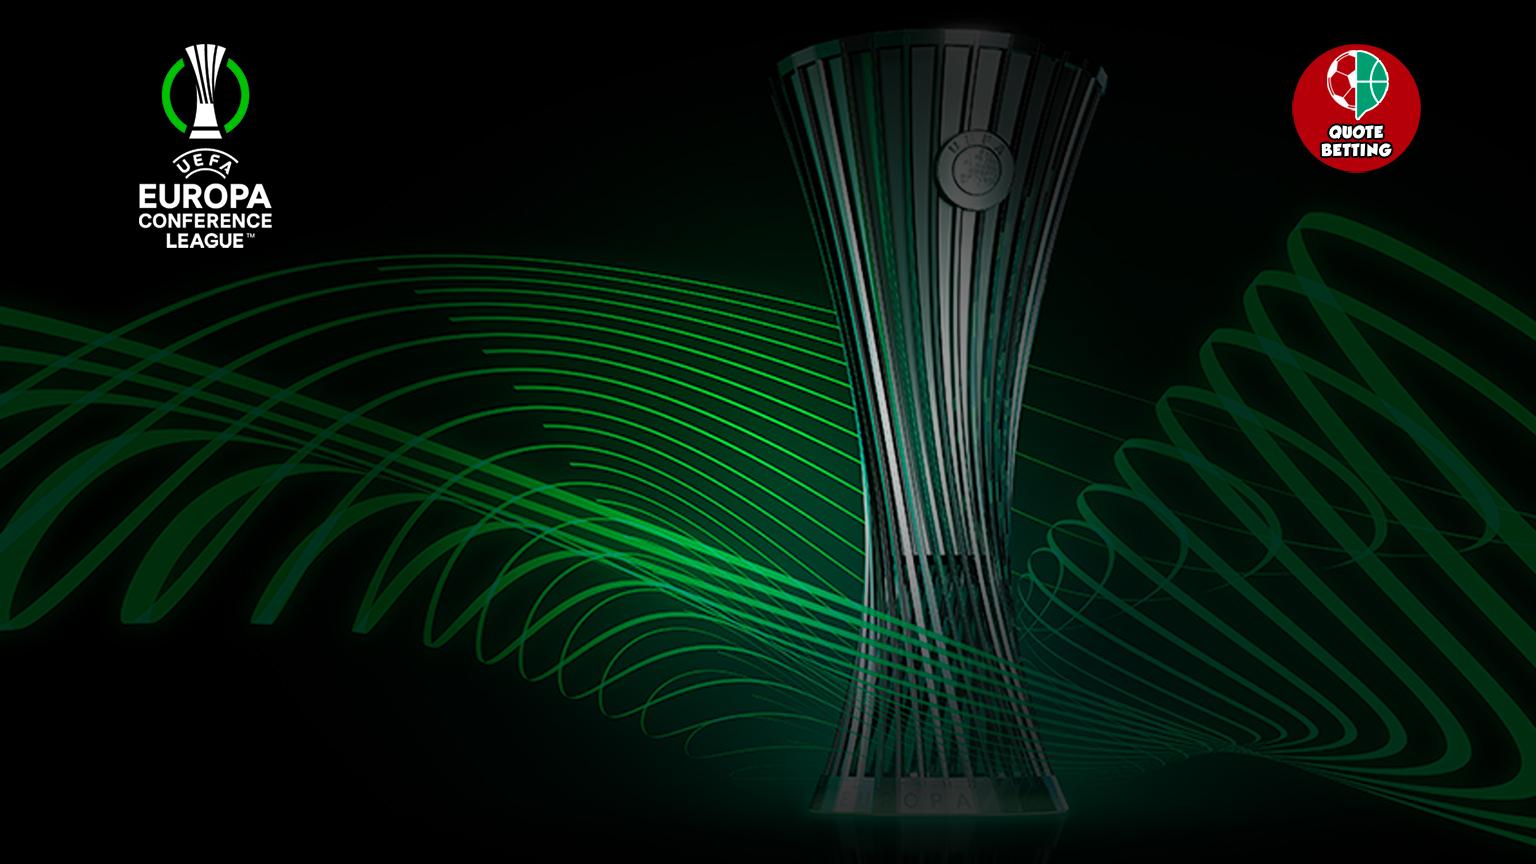 peluang kemenangan liga konferensi uefa tottenham roma feyenoord snai goldbet odds eurobet sisal bwin turnamen kemenangan kompetisi eropa